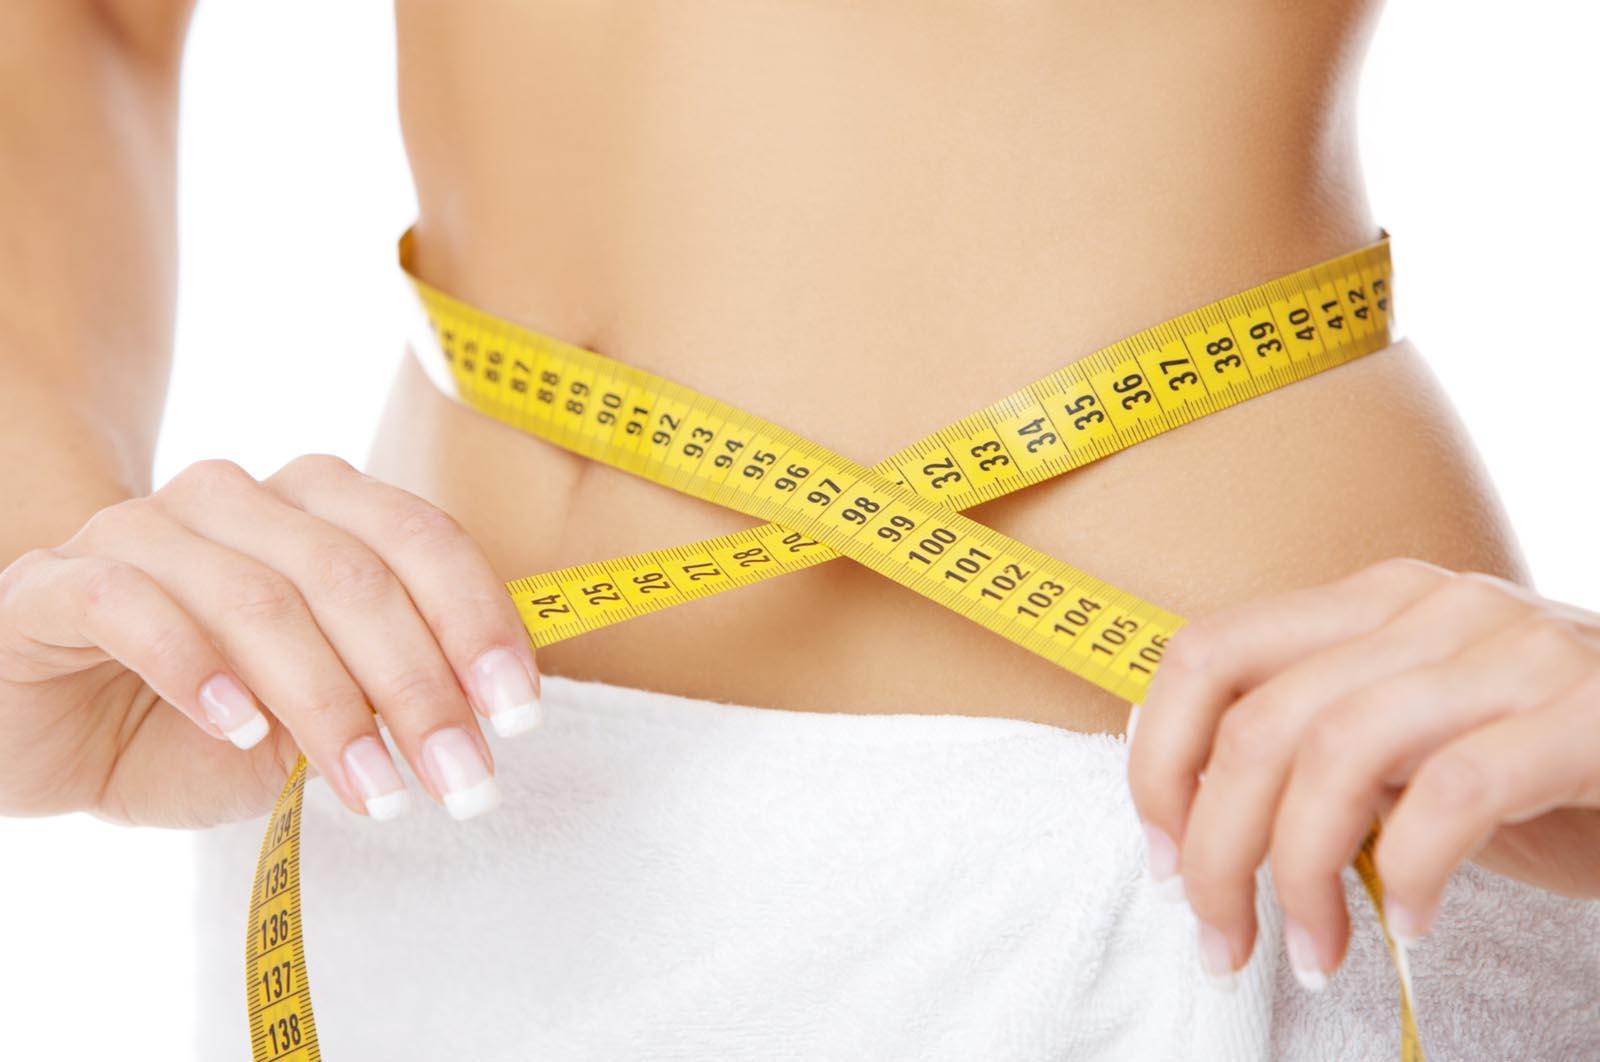 3 Exercícios Fáceis Para Reduzir a Cintura 5 cm em Um Mês